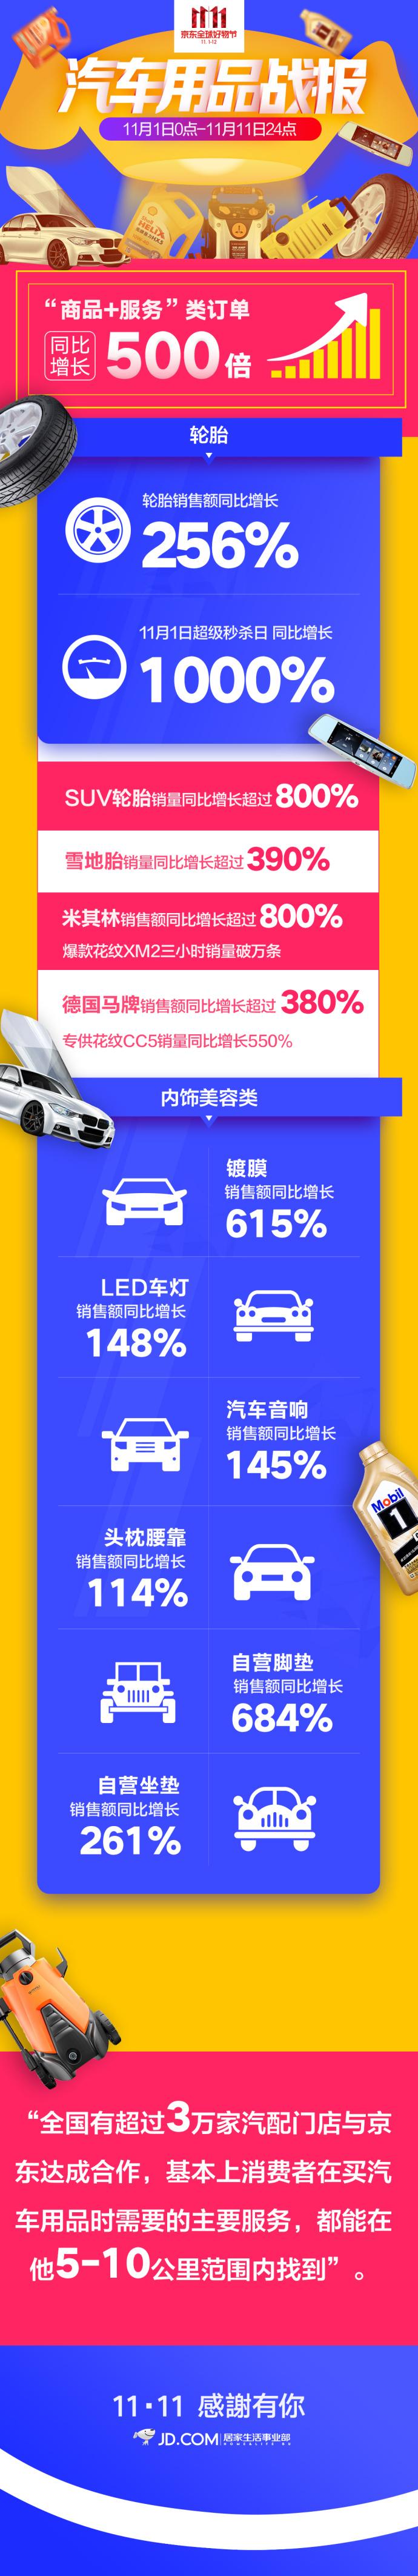 """京东双11汽车用品""""商品+服务""""类订单同比增长500倍"""